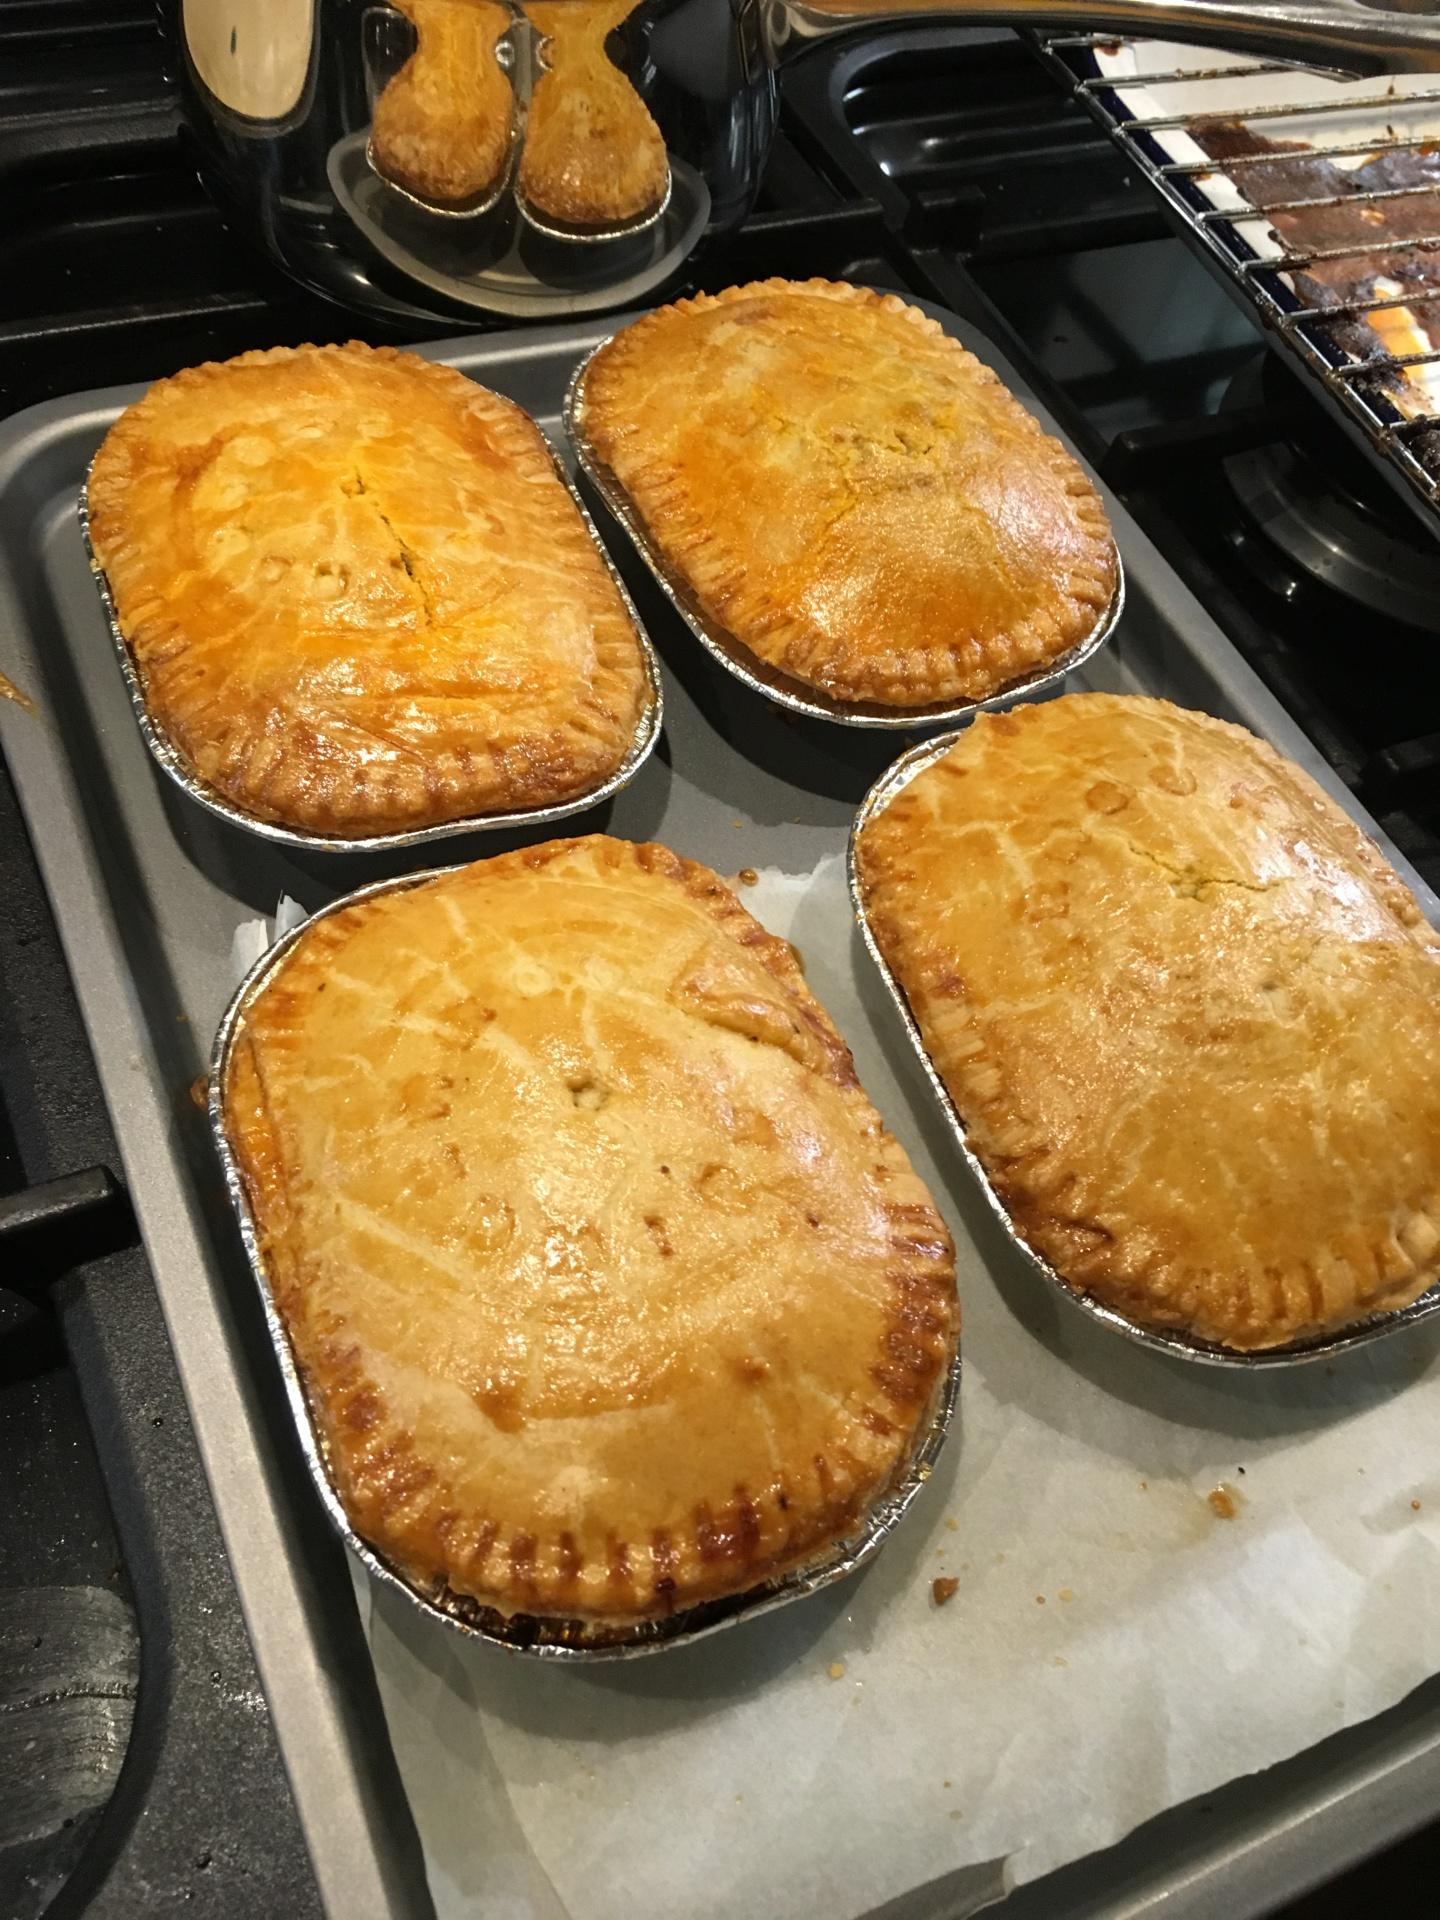 Golden and Crisp Pies